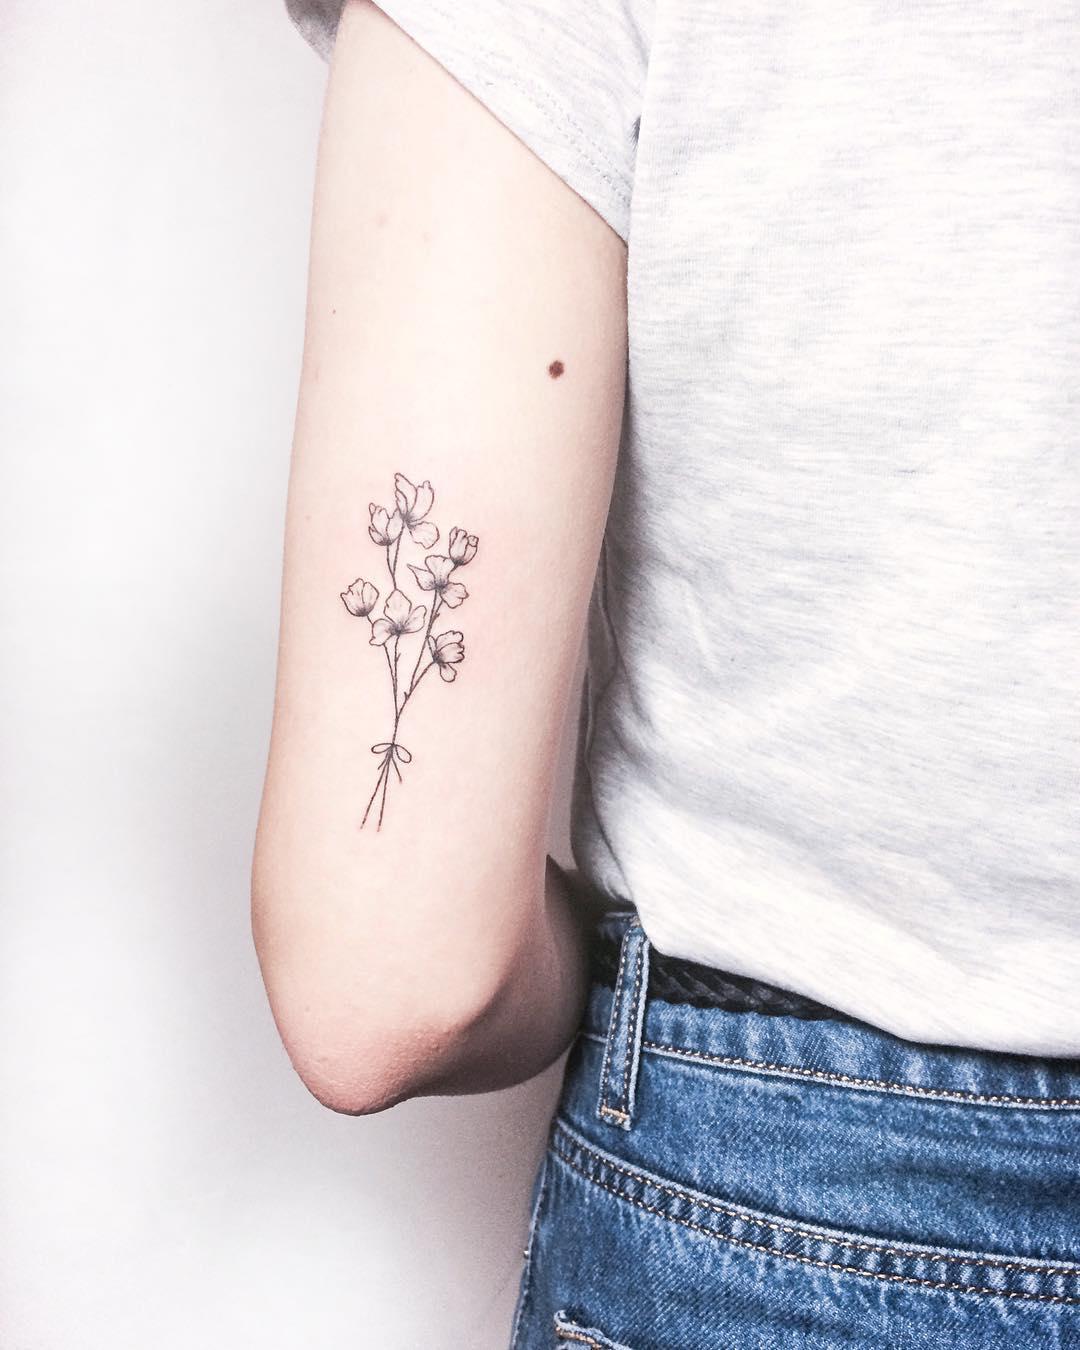 Tatuagens femininas delicadas atrás do braço